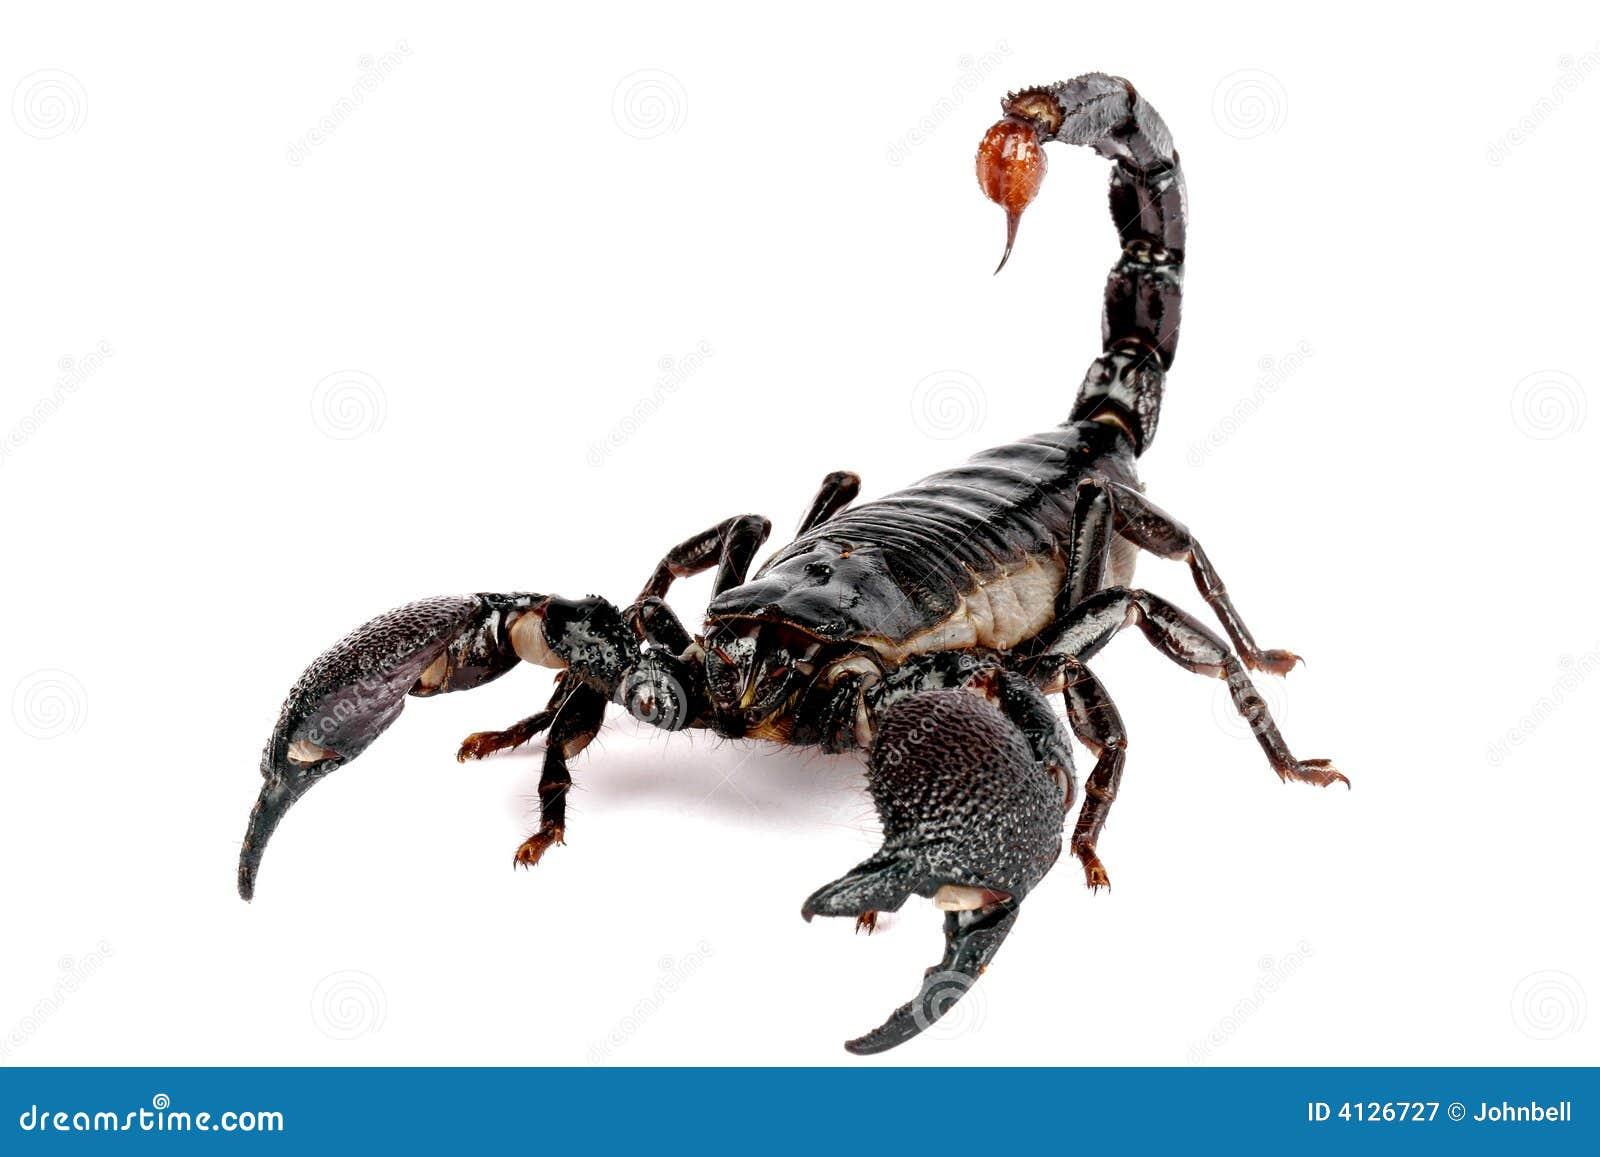 Emporer Scorpion (Pandinus imperator)